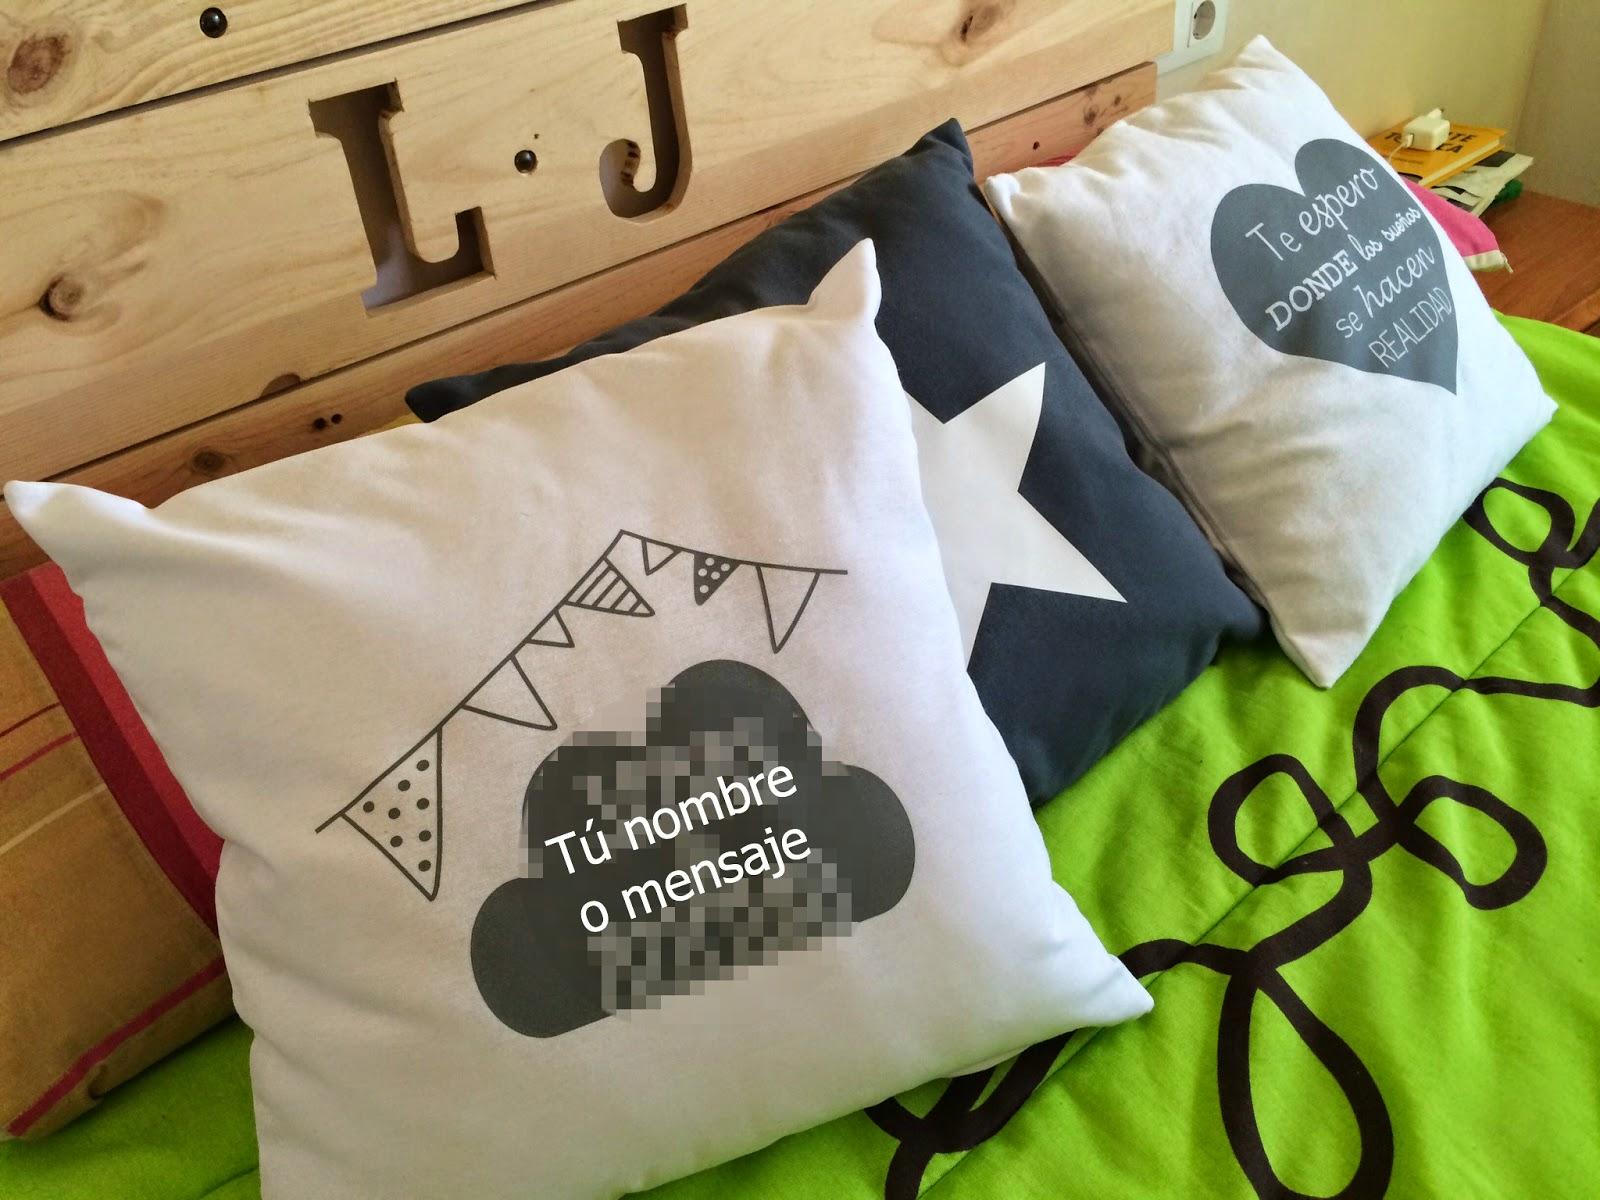 os gusta la idea de regalar un cojn yo llenara la cama el sof y toda la casa de cojines son tan bonitos - Cojines Bonitos